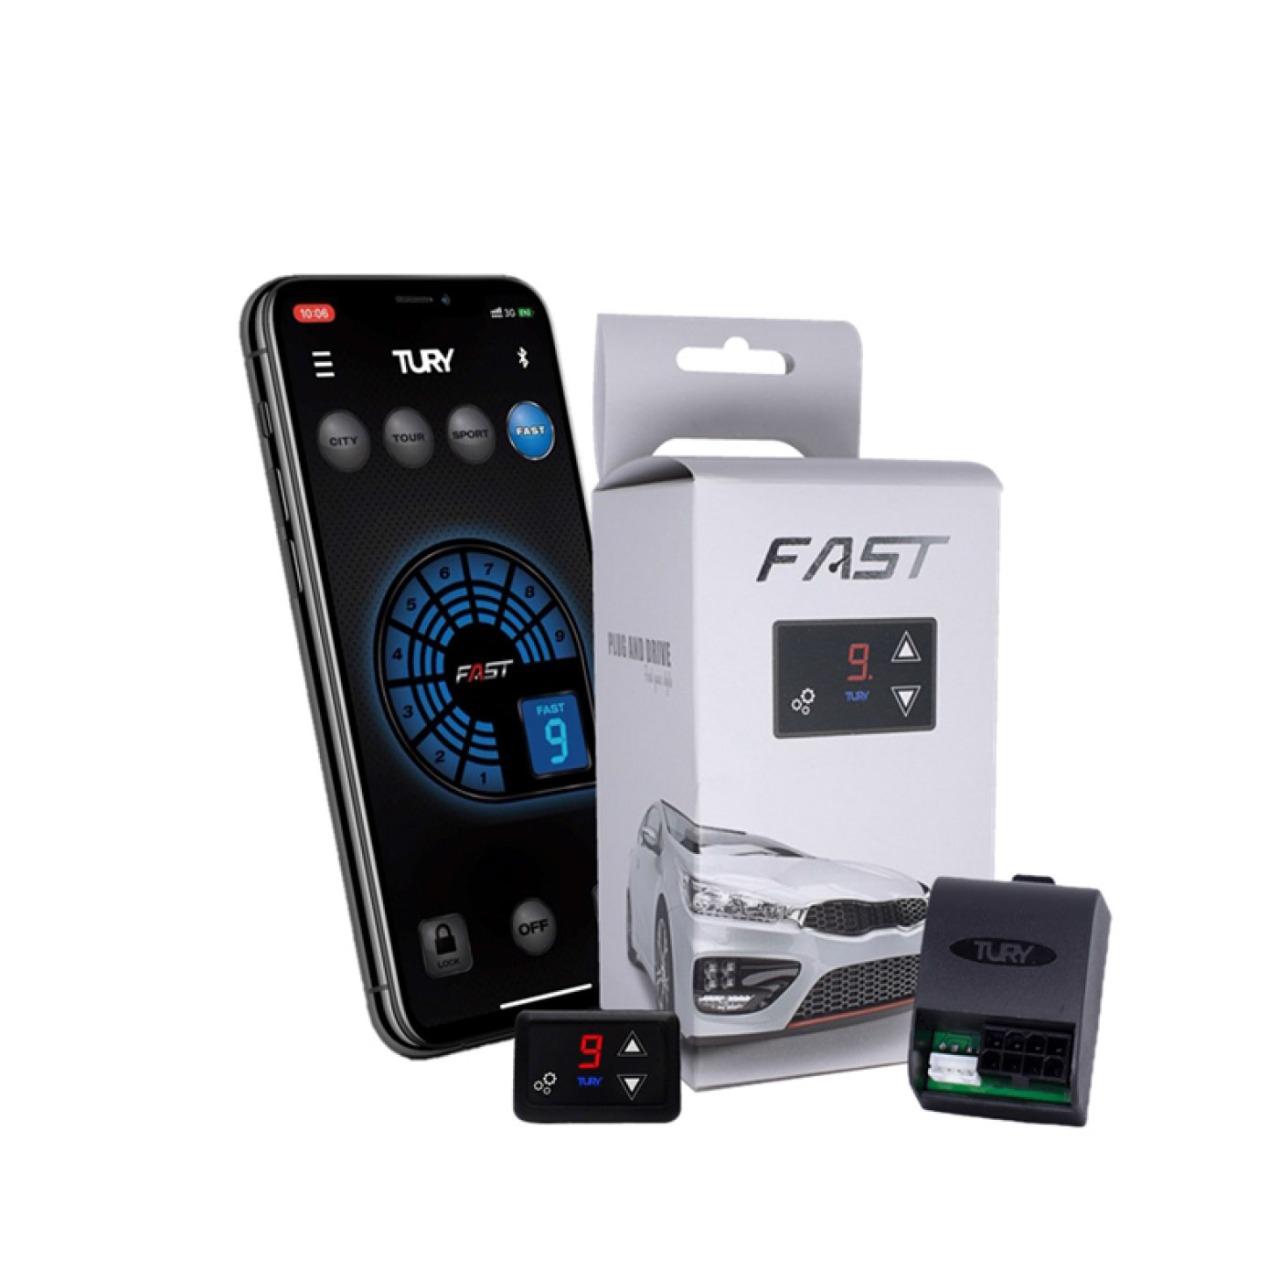 Módulo Acelerador Eletrônico para Mitsubishi com Bluetooth FAST2.0AA Tury